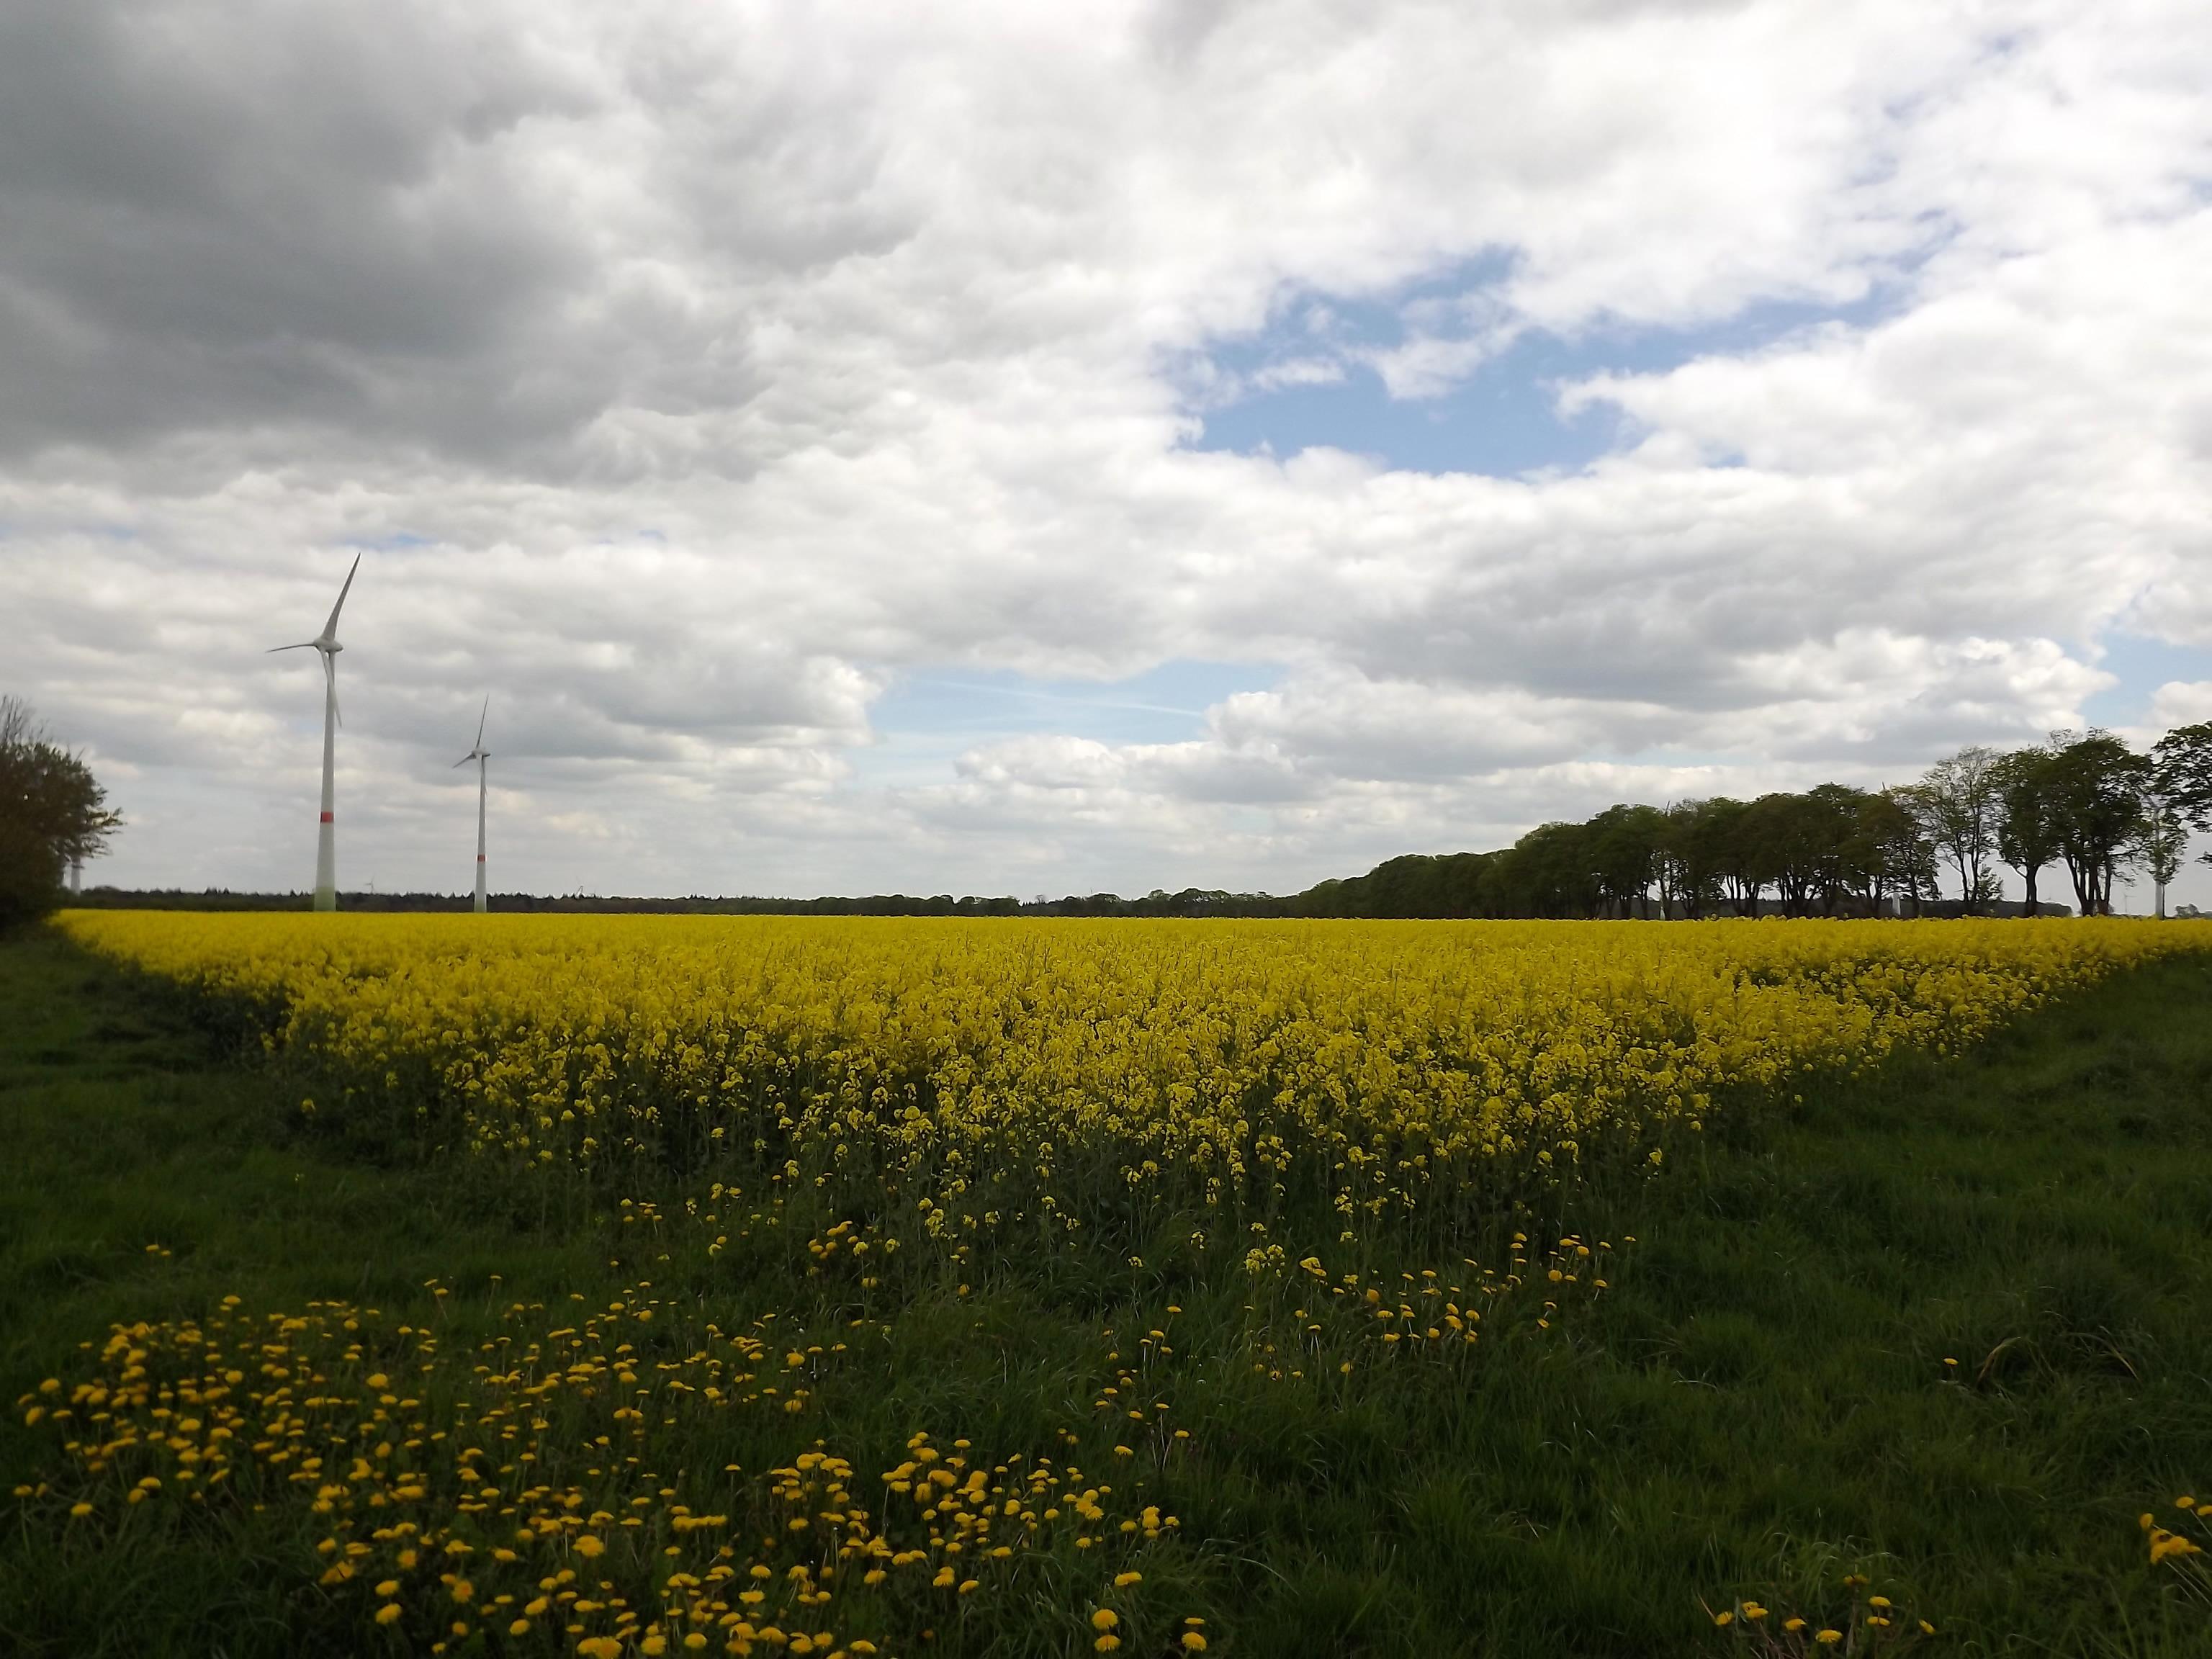 6008-gelbes-feld-wolken-sonnenschein